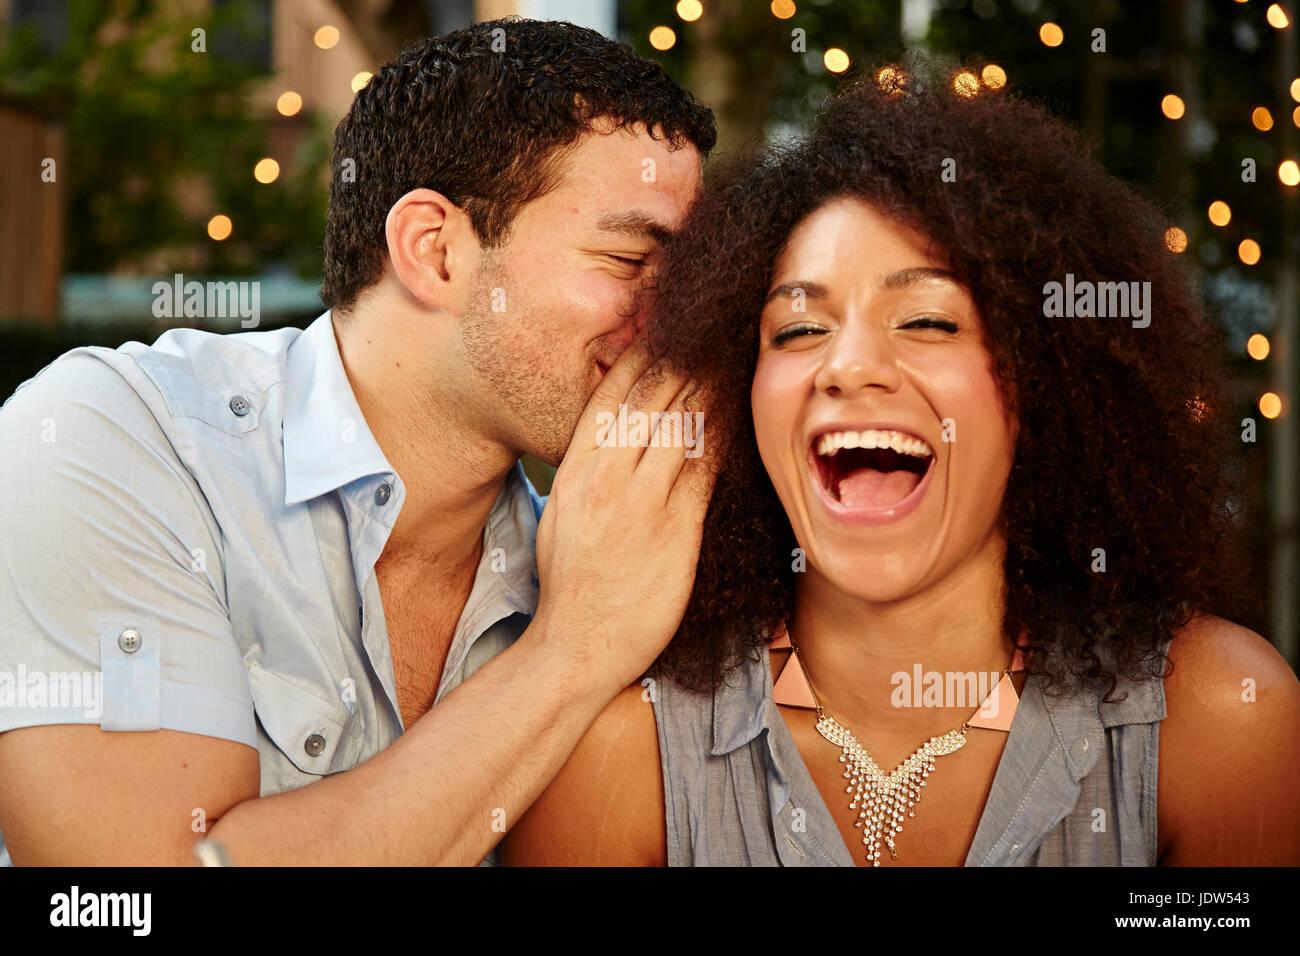 Giovane uomo whispering a ridere donna al party in giardino Foto Stock